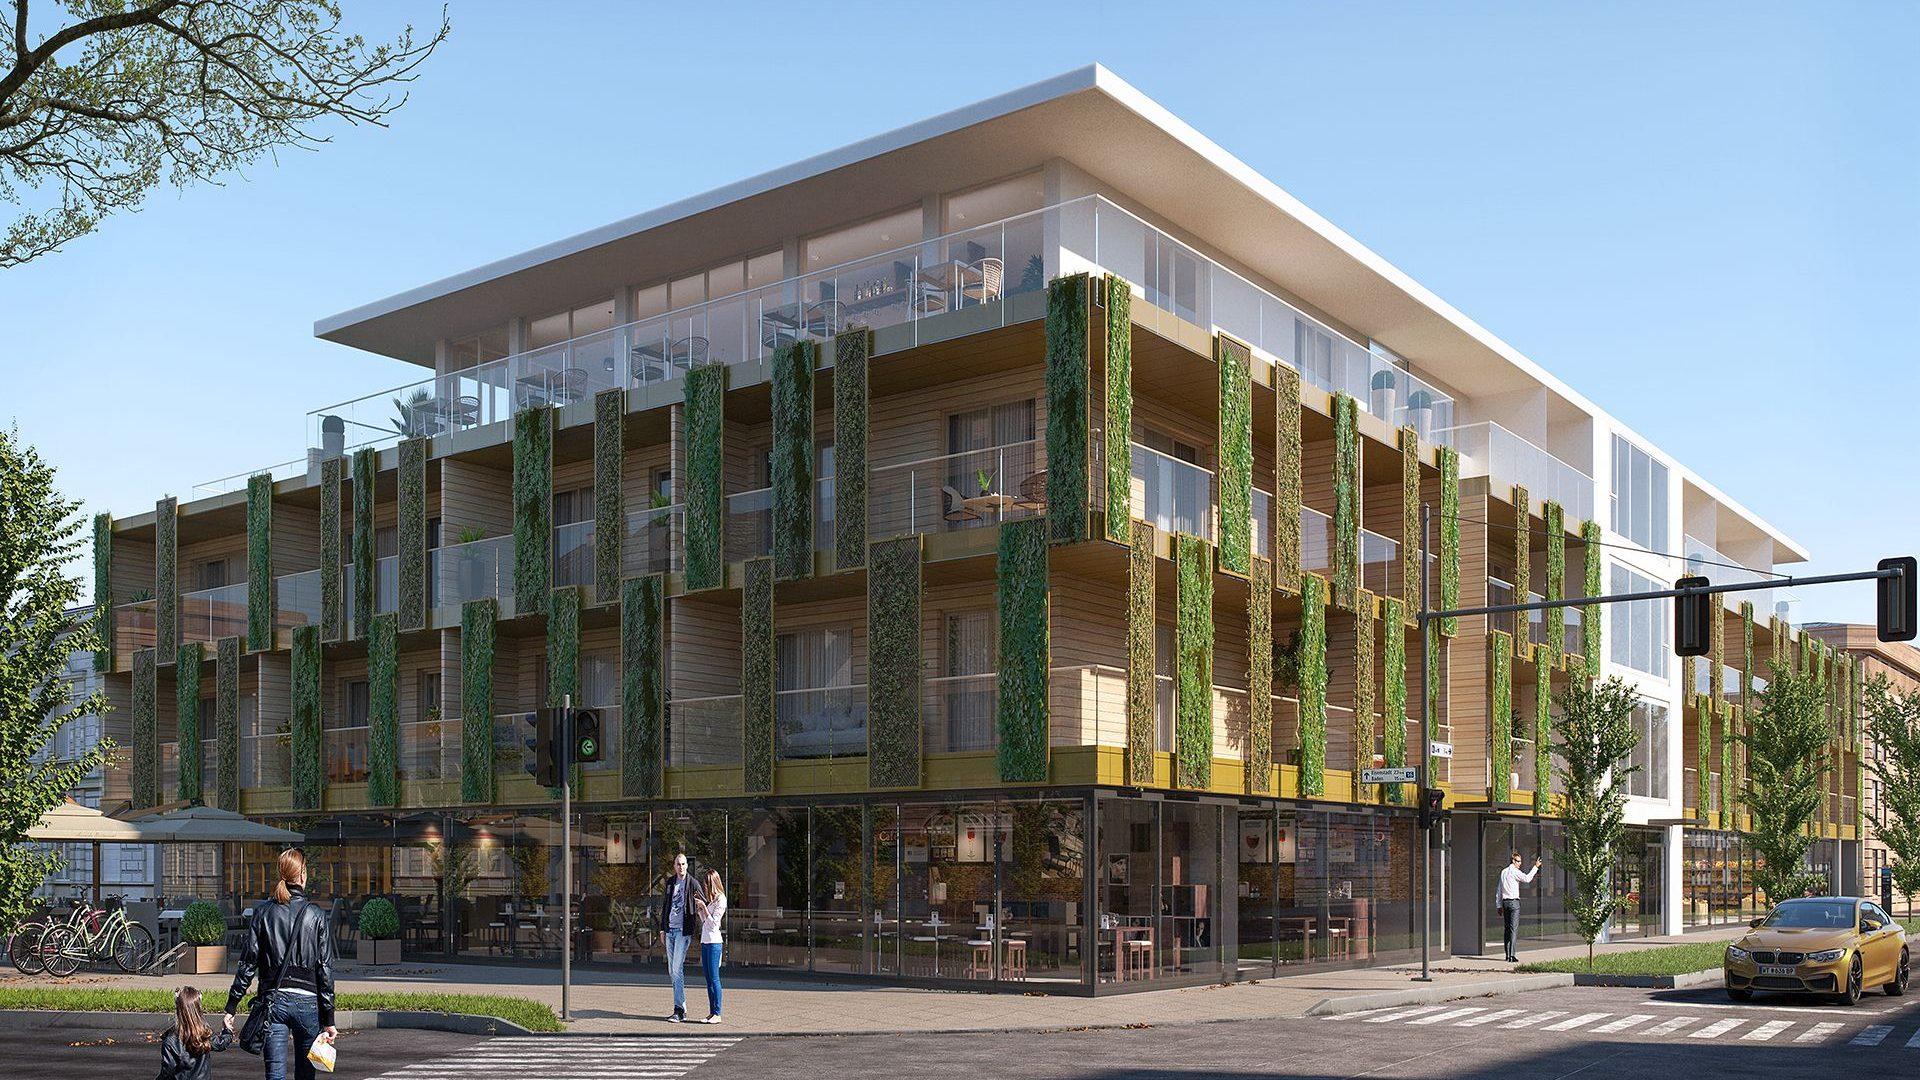 Ebreichsdorf kostenlose partnervermittlung - Wallsee-sindelburg